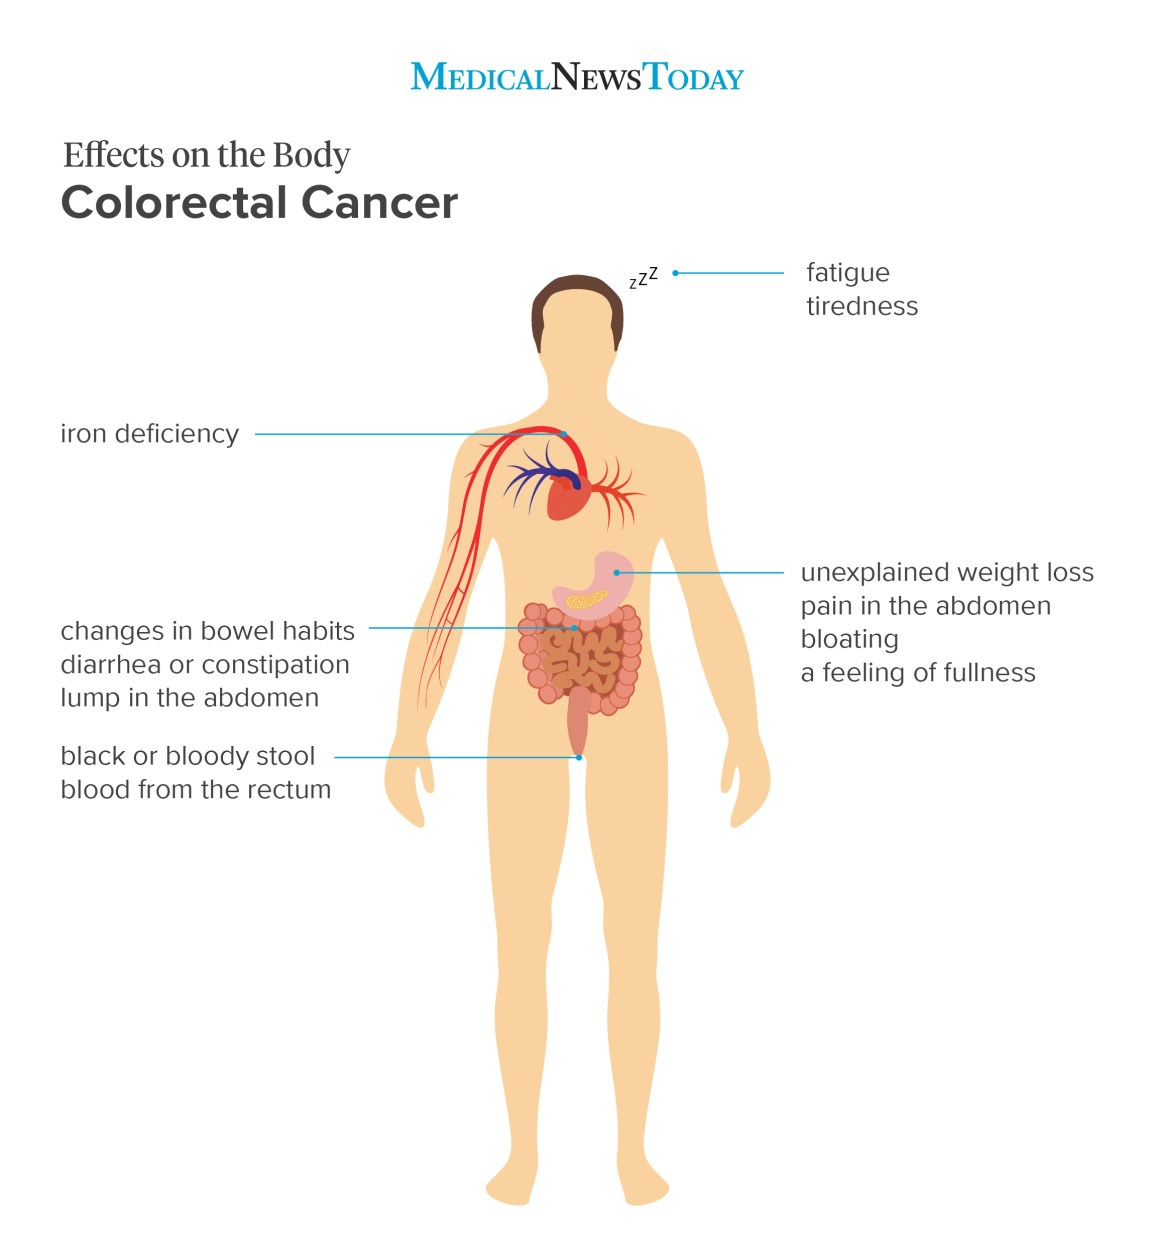 viermii cutanare la om: cauze, simptome și tratamente